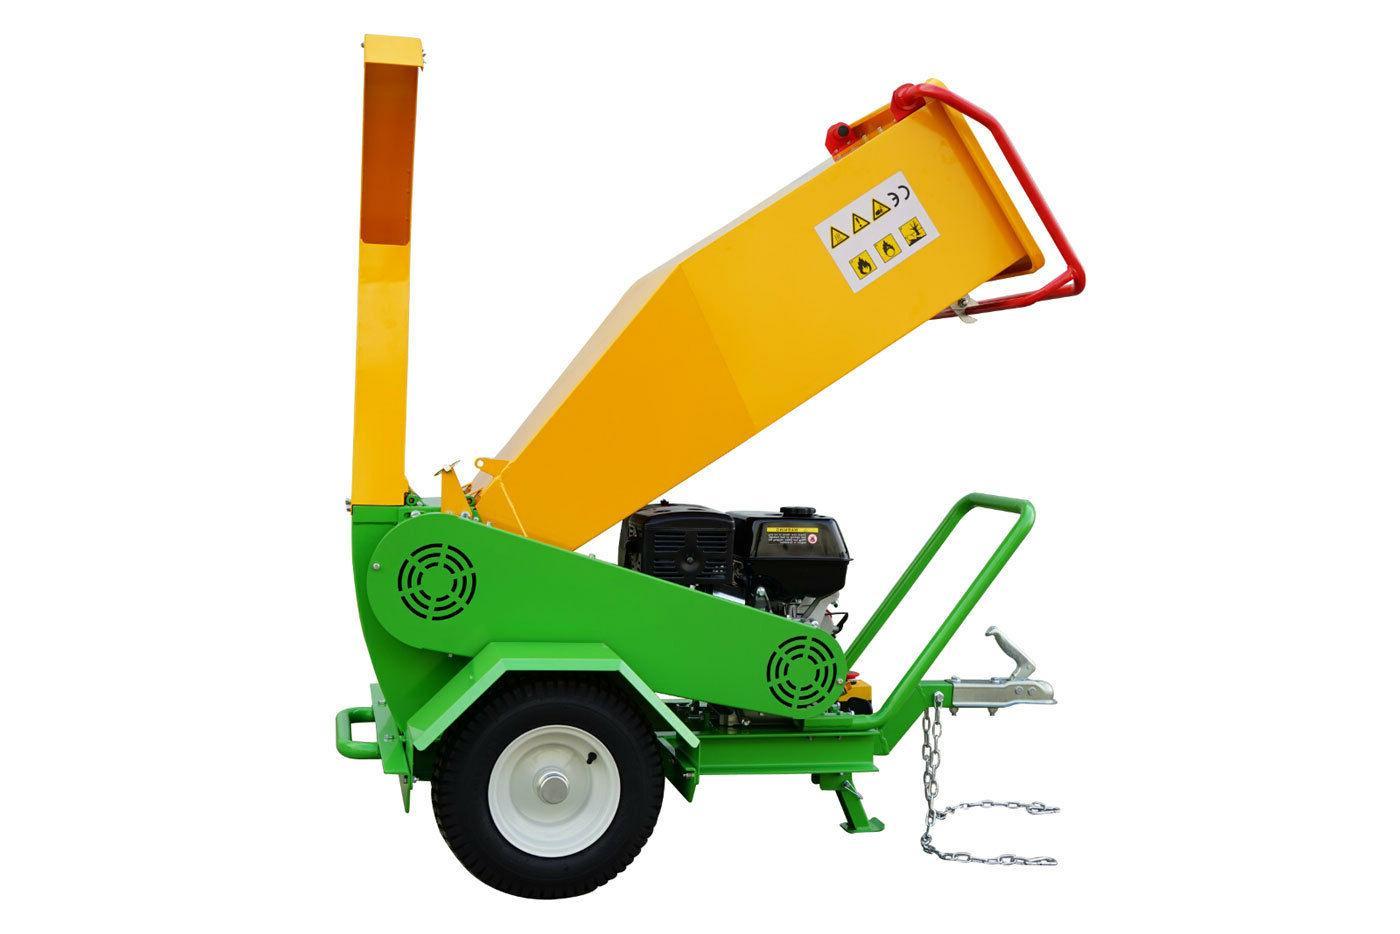 Nova Tractor Wood shredder by